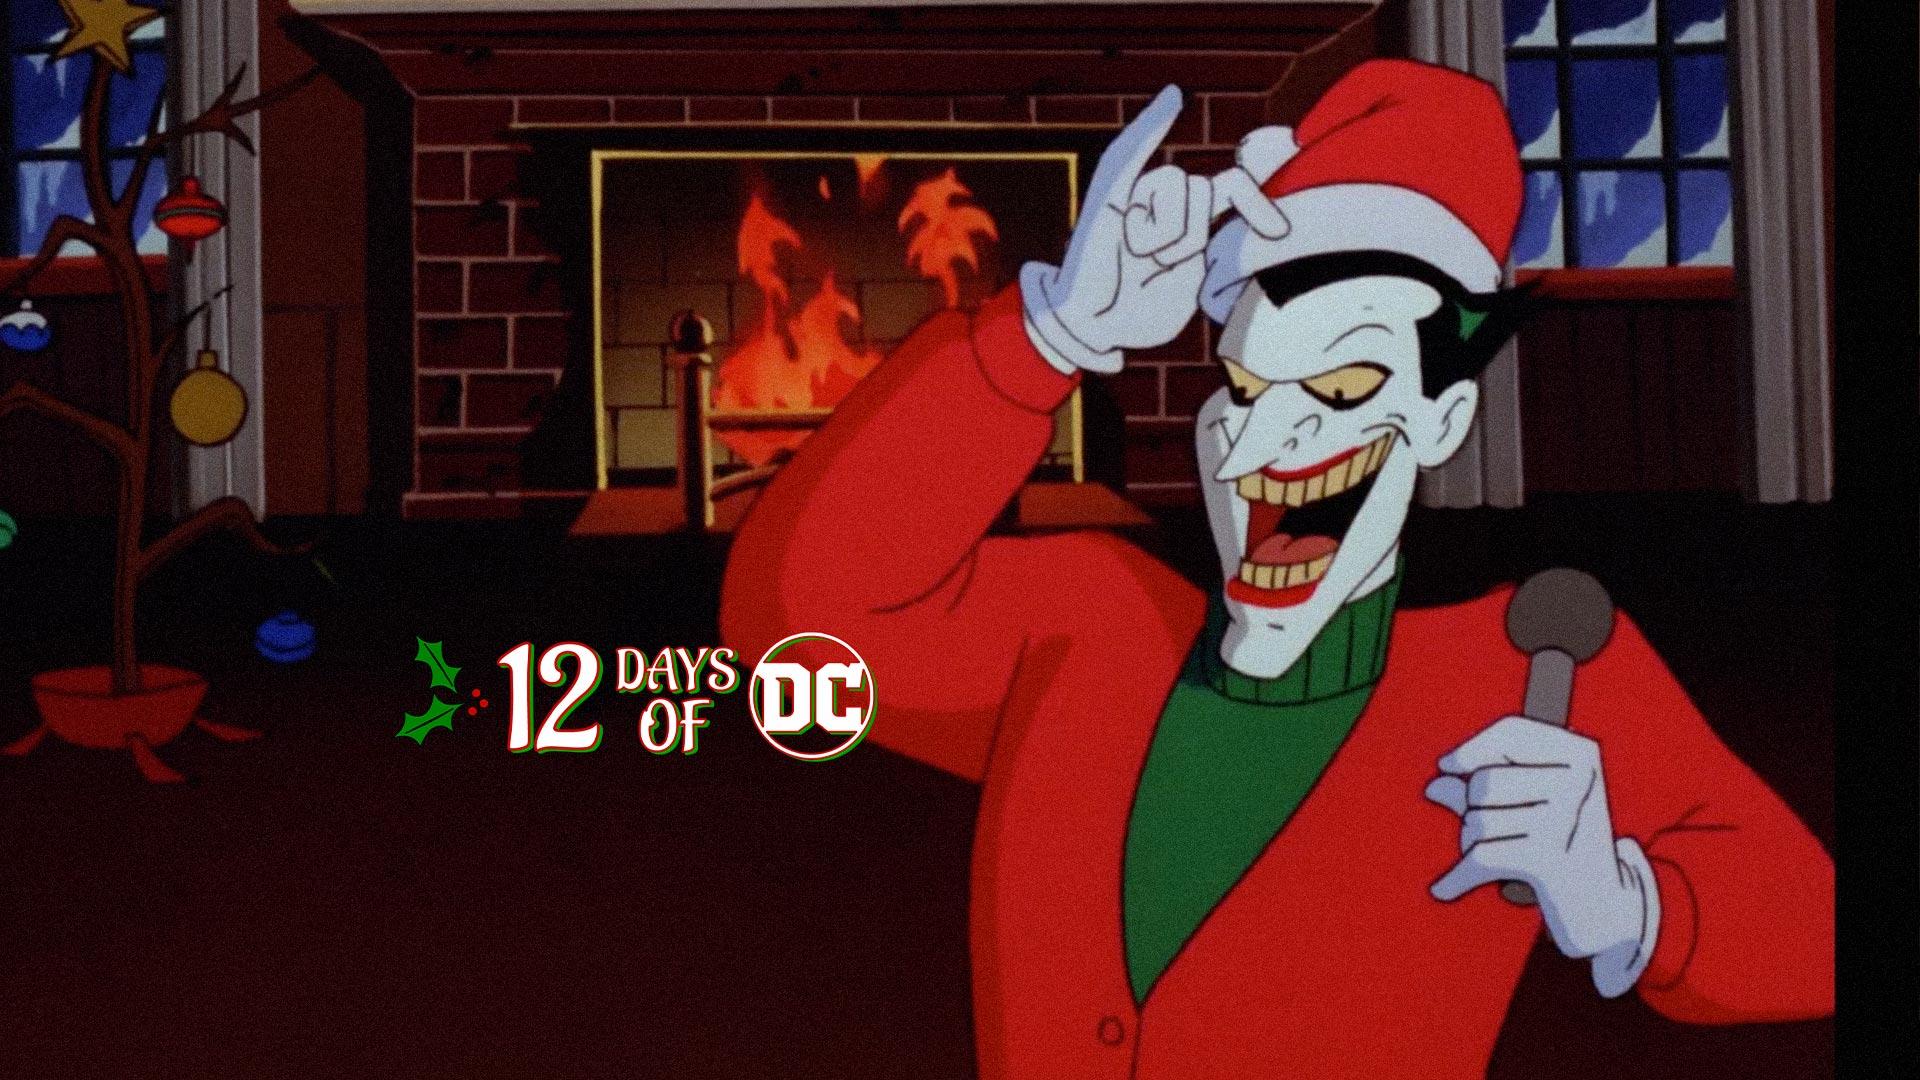 dcu-12days-joker_MH_v1.jpg